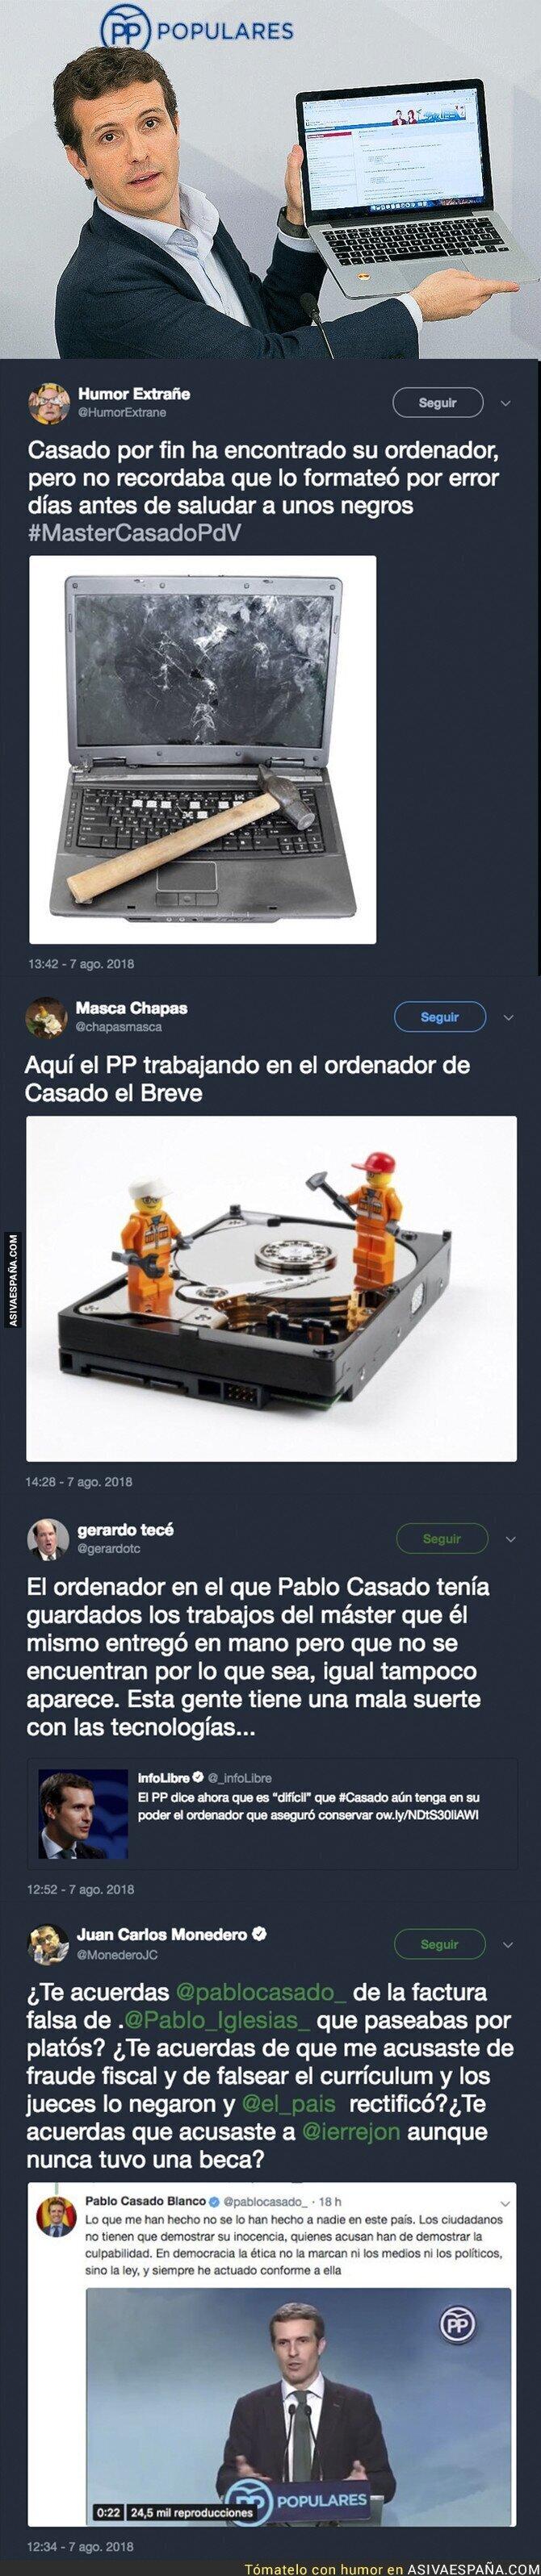 90770 - Lío con el portátil de Pablo Casado